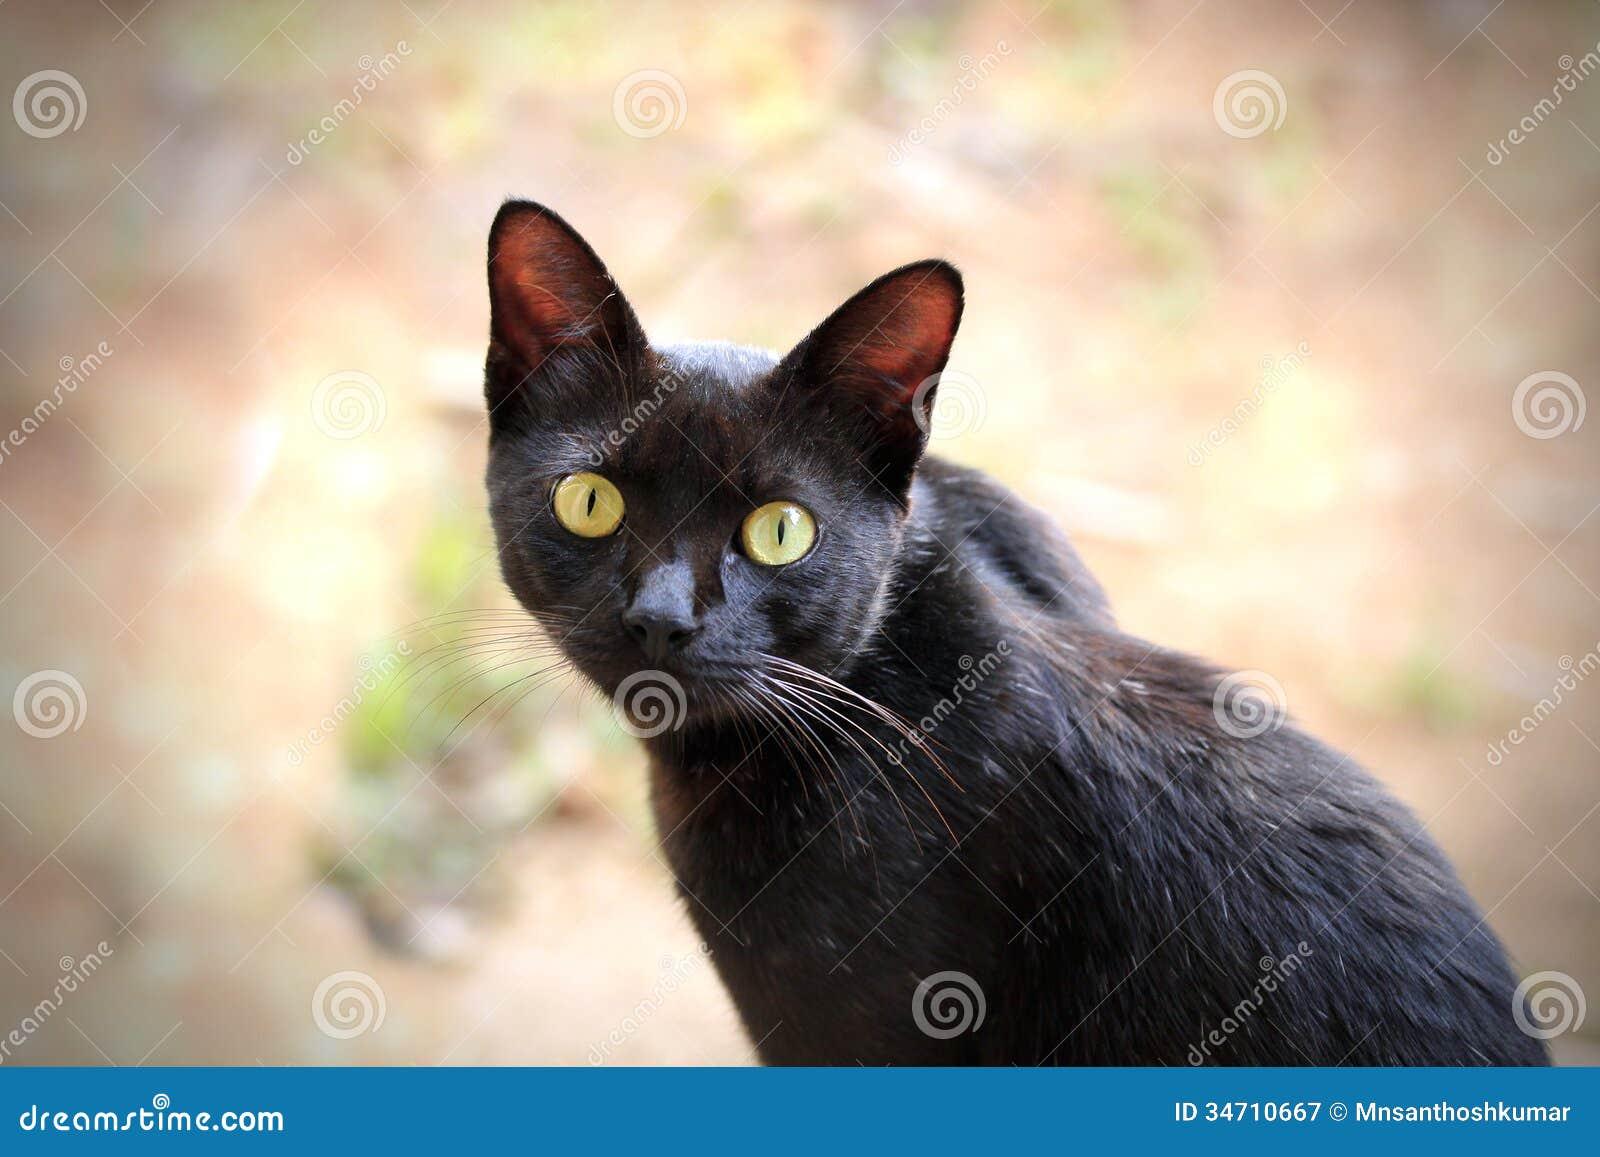 Όμορφη μαύρη γάτα με εκφραστικό να κοιτάξει επίμονα ματιών φουντουκιών